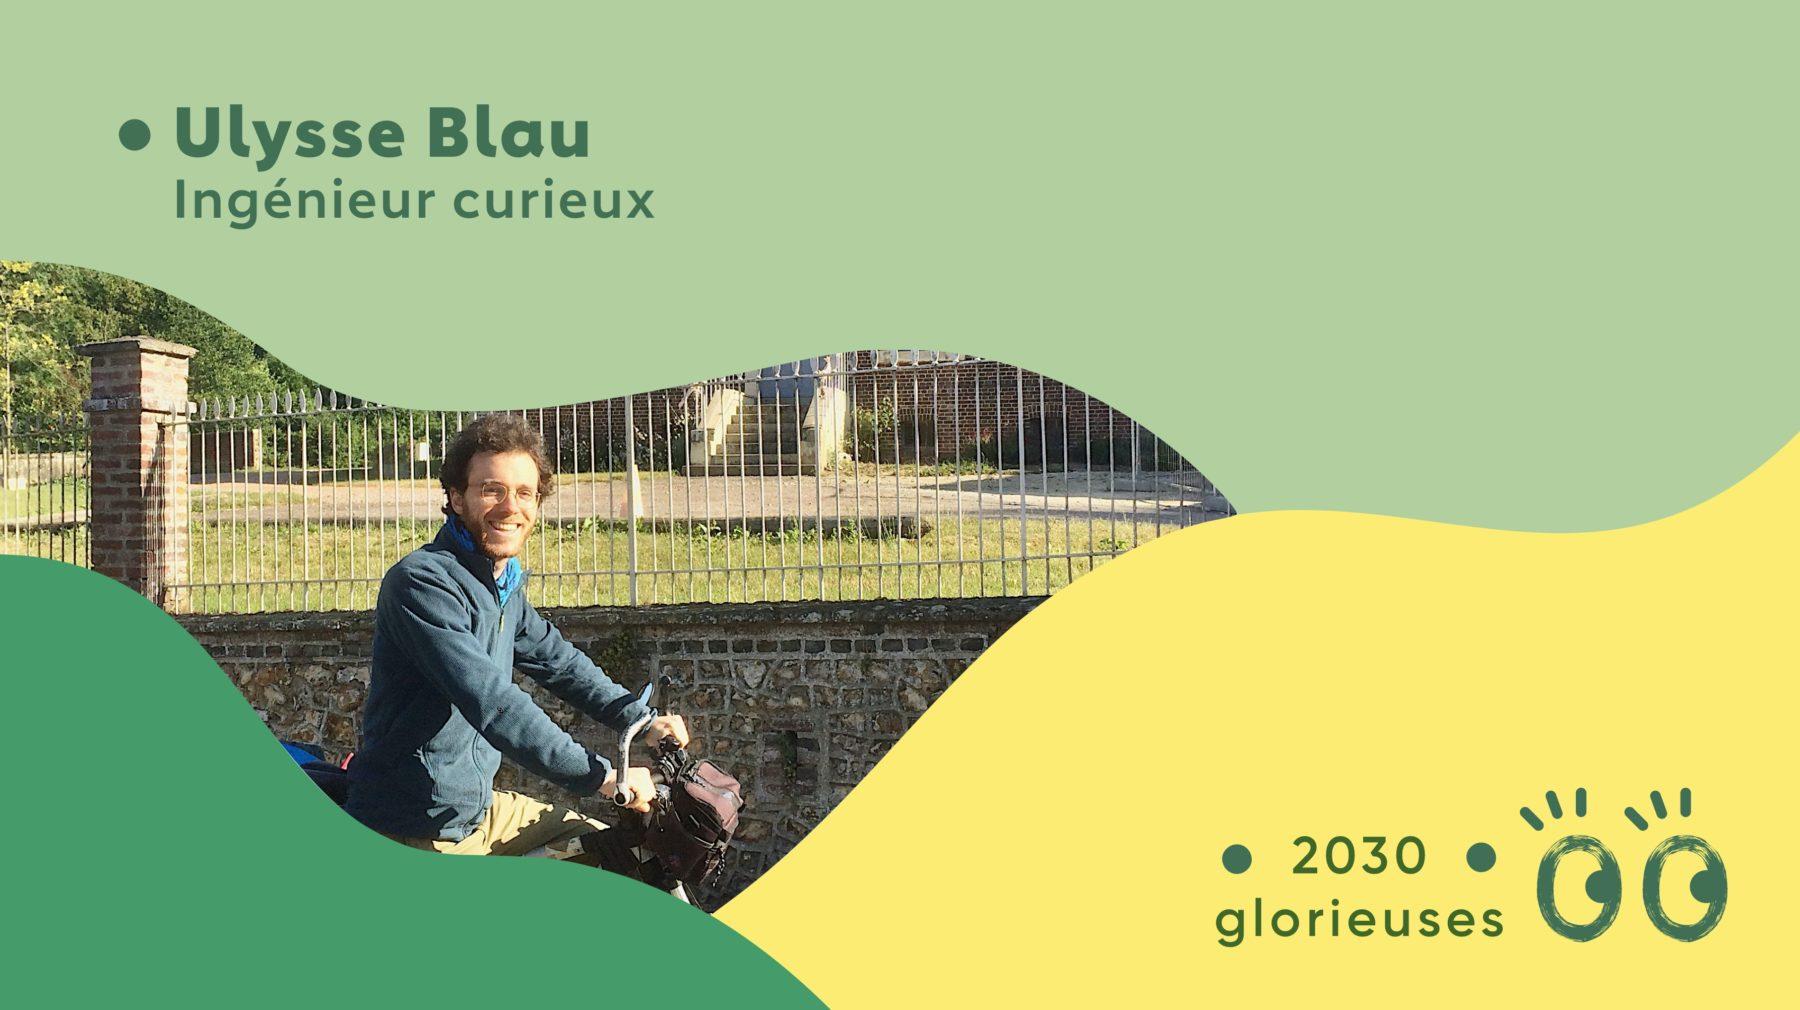 2030 Glorieuses #4: Ulysse Blau